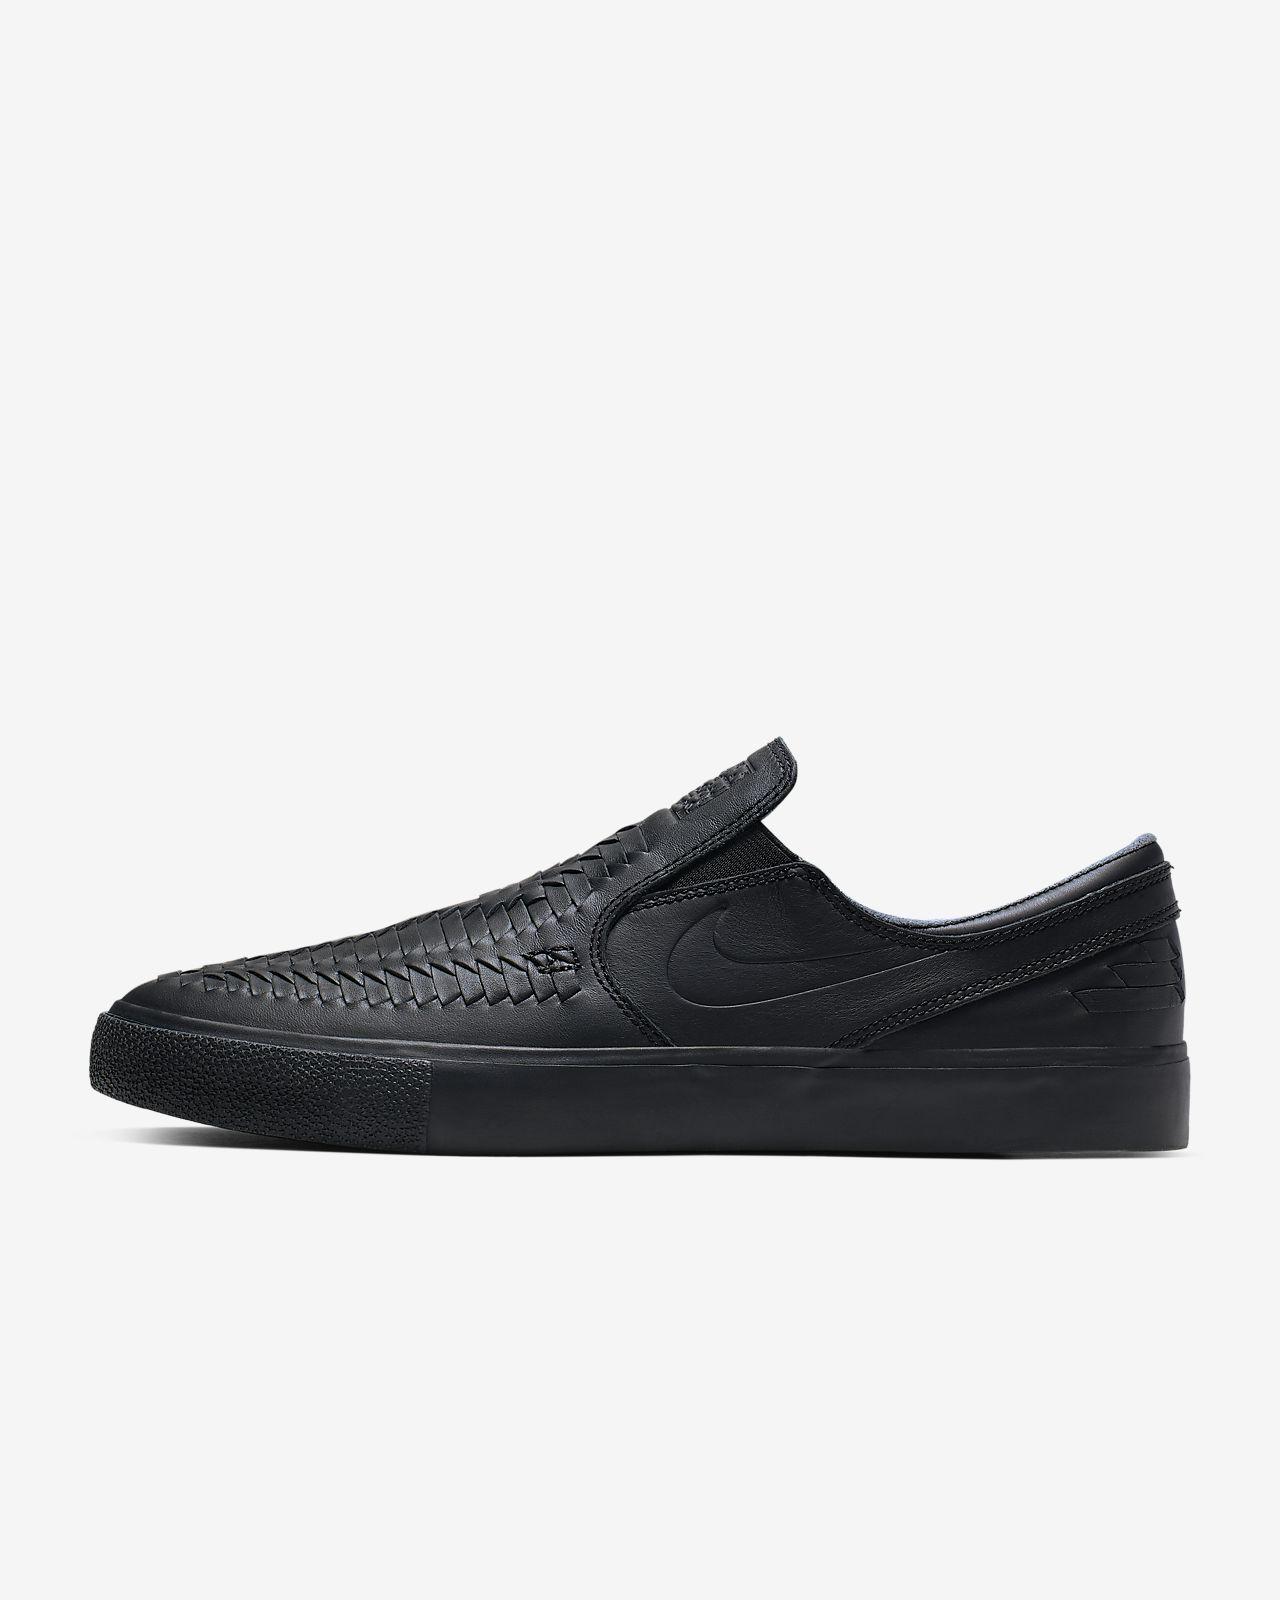 Παπούτσι skateboarding Nike SB Zoom Stefan Janoski Slip RM Crafted